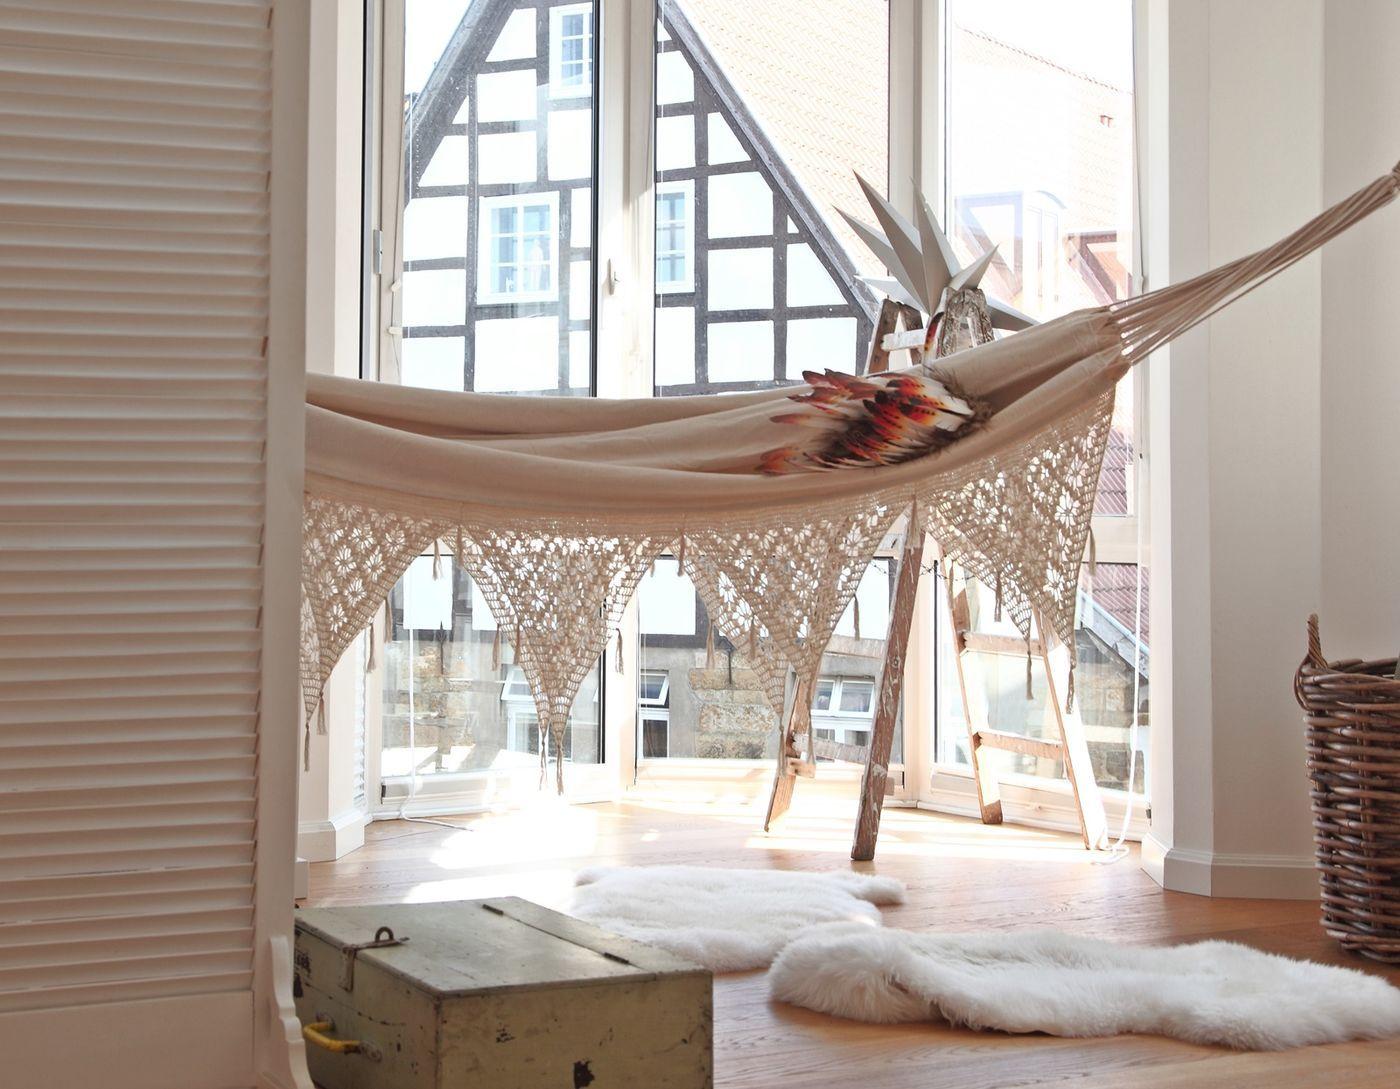 die sch nsten ideen f r deinen kinderteppich. Black Bedroom Furniture Sets. Home Design Ideas